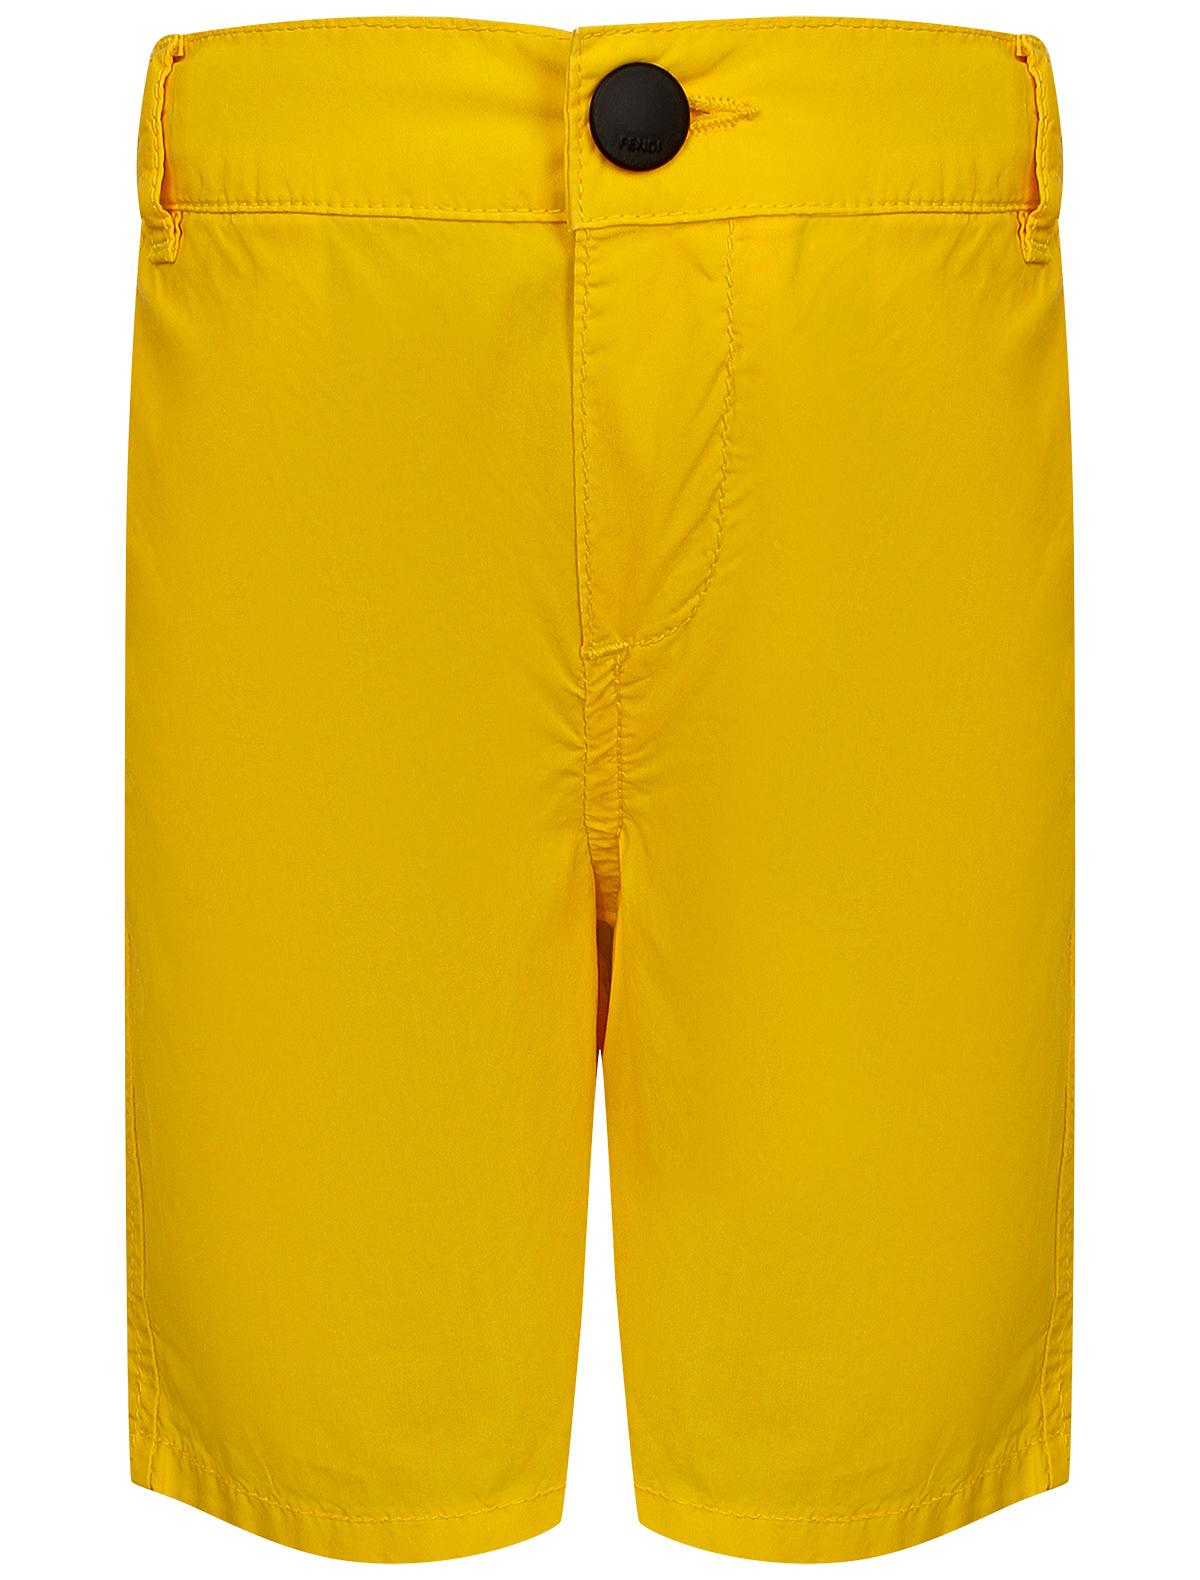 Купить 1964807, Шорты Fendi, желтый, Мужской, 1412819971652